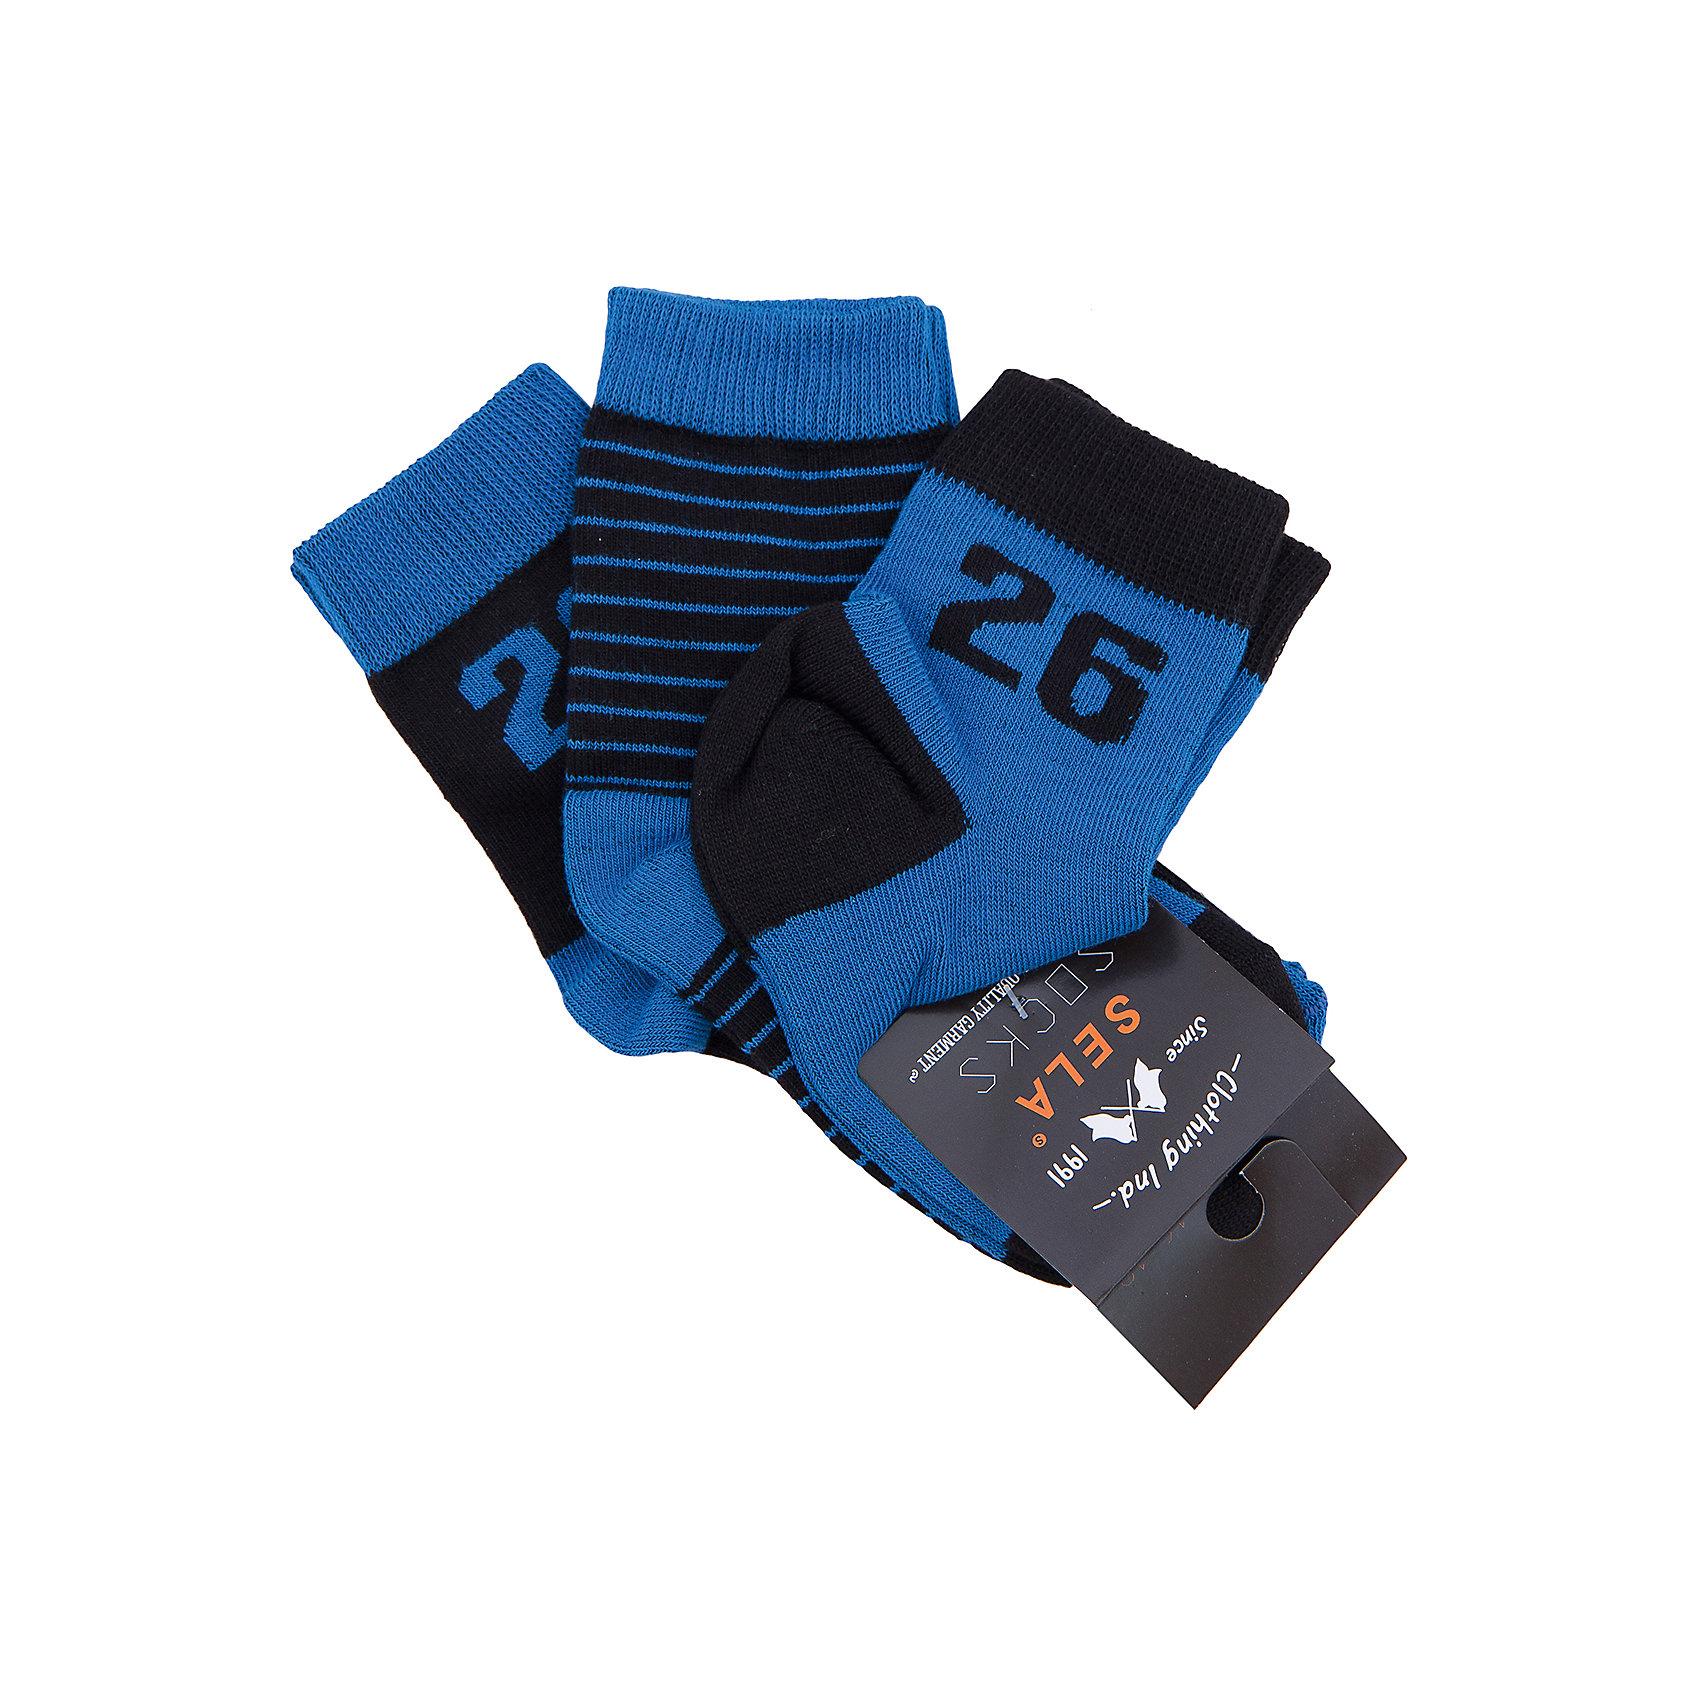 Носки  для мальчика, 3 пары SELAНоски<br>Носки для мальчика от известной марки SELА помогут согреть ноги ребенка. Удобный крой и качественный материал обеспечат мальчику комфорт при ношении этой вещи. <br>По верху изделия идет мягкая широкая резинка. Цвет - универсальный, очень практичный. В наборе - три пары носков различной расцветки, но в одной цветовой гамме.<br><br>Дополнительная информация:<br><br>материал: 74% хлопок, 22% ПЭ, 2% ПА, 2% эластан;<br>цвет: серый;<br>комплектация - 3 пары;<br>мягкая широкая резинка;<br>уход за изделием: стирка в машине при температуре до 30°С, не отбеливать, гладить при низкой температуре.<br><br>Носки для мальчика от бренда SELА (Села) можно купить в нашем магазине.<br><br>Ширина мм: 87<br>Глубина мм: 10<br>Высота мм: 105<br>Вес г: 115<br>Цвет: голубой<br>Возраст от месяцев: 60<br>Возраст до месяцев: 72<br>Пол: Мужской<br>Возраст: Детский<br>Размер: 20,14,16,18<br>SKU: 4740997